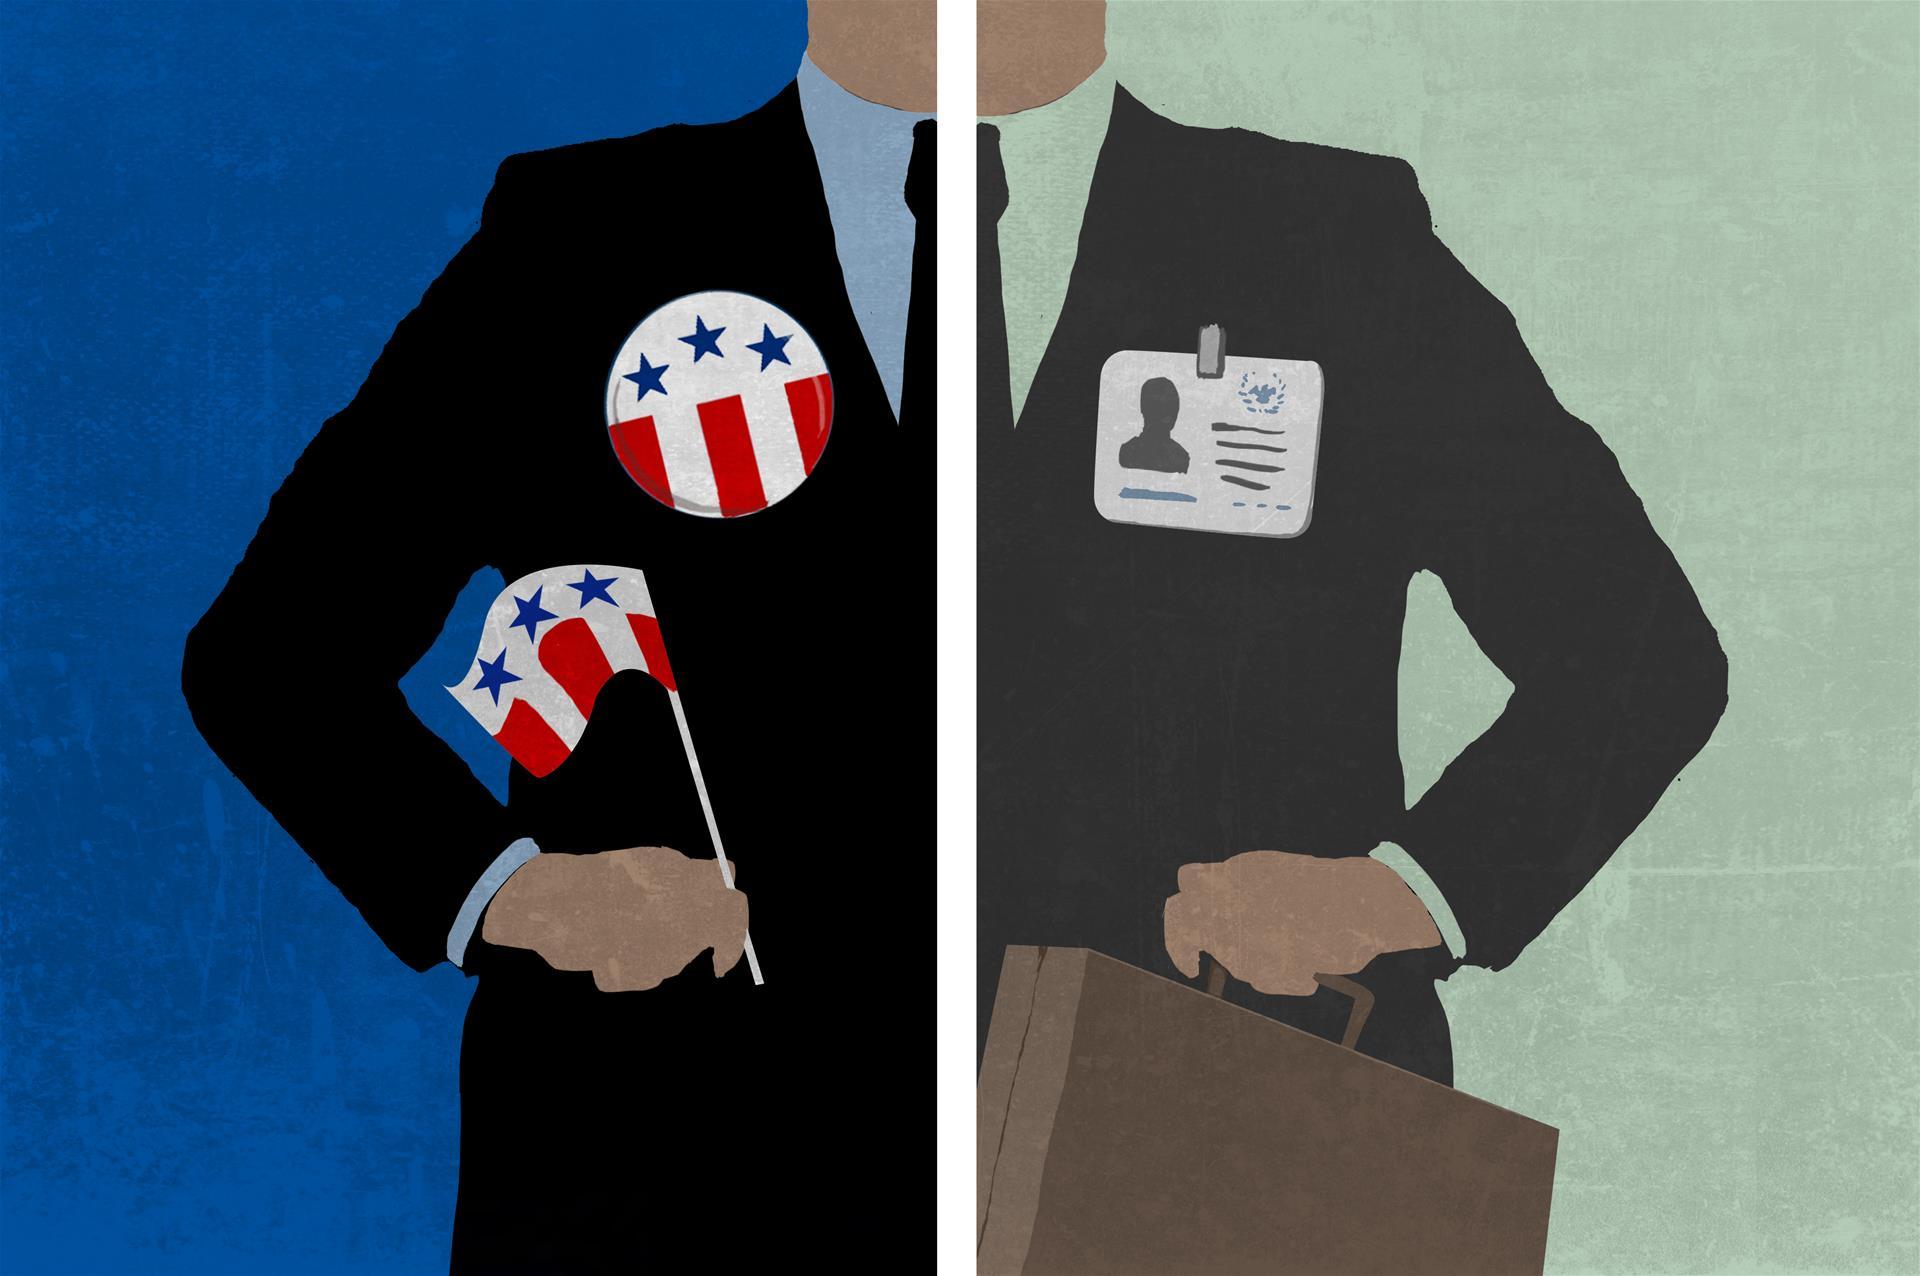 美国政府部门的工作是怎样的?